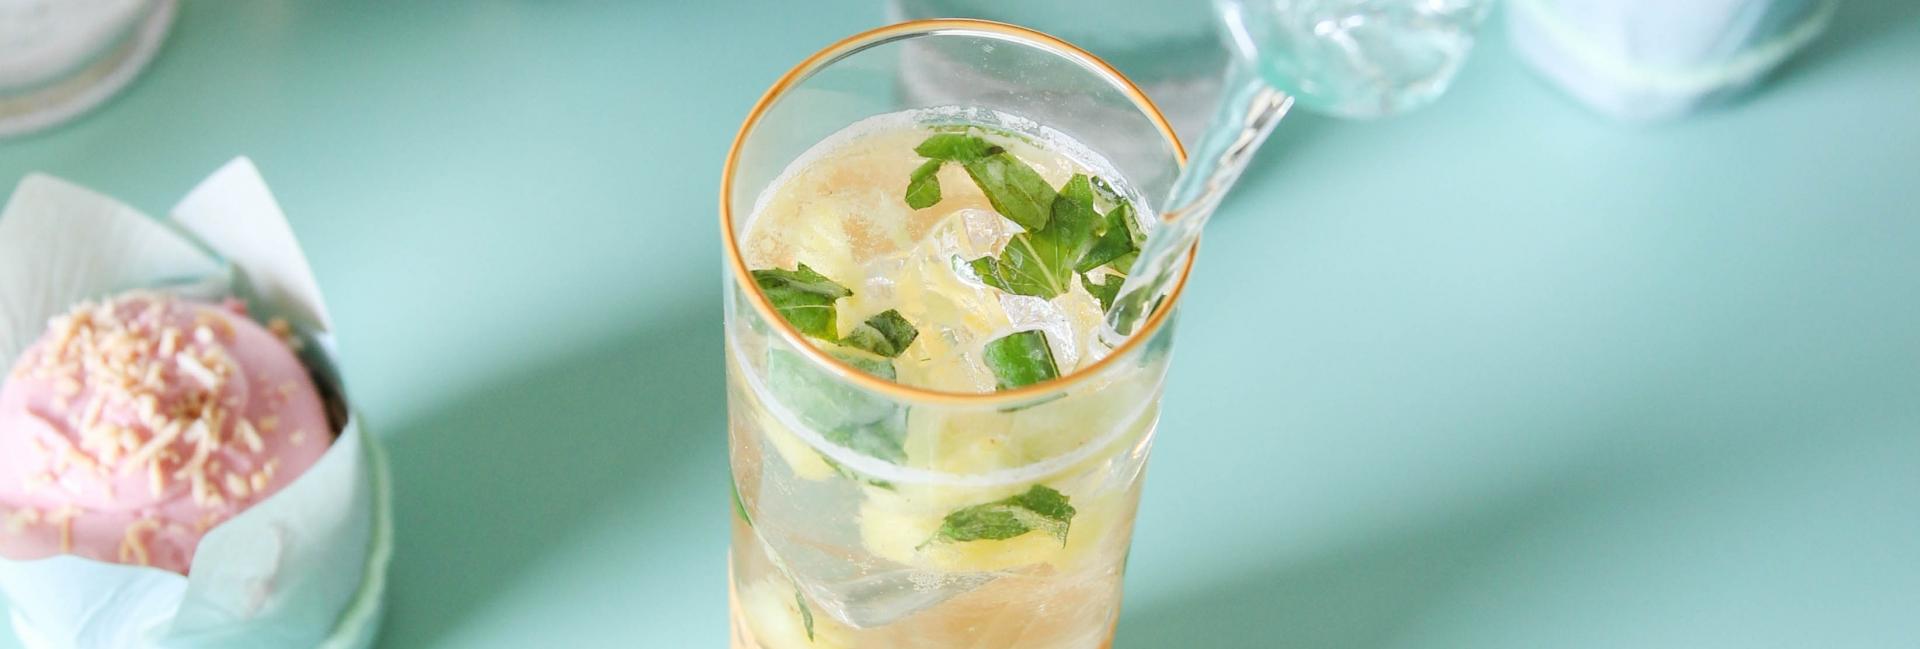 Organic Pineapple Basil Cocktail + Dessert Pairing